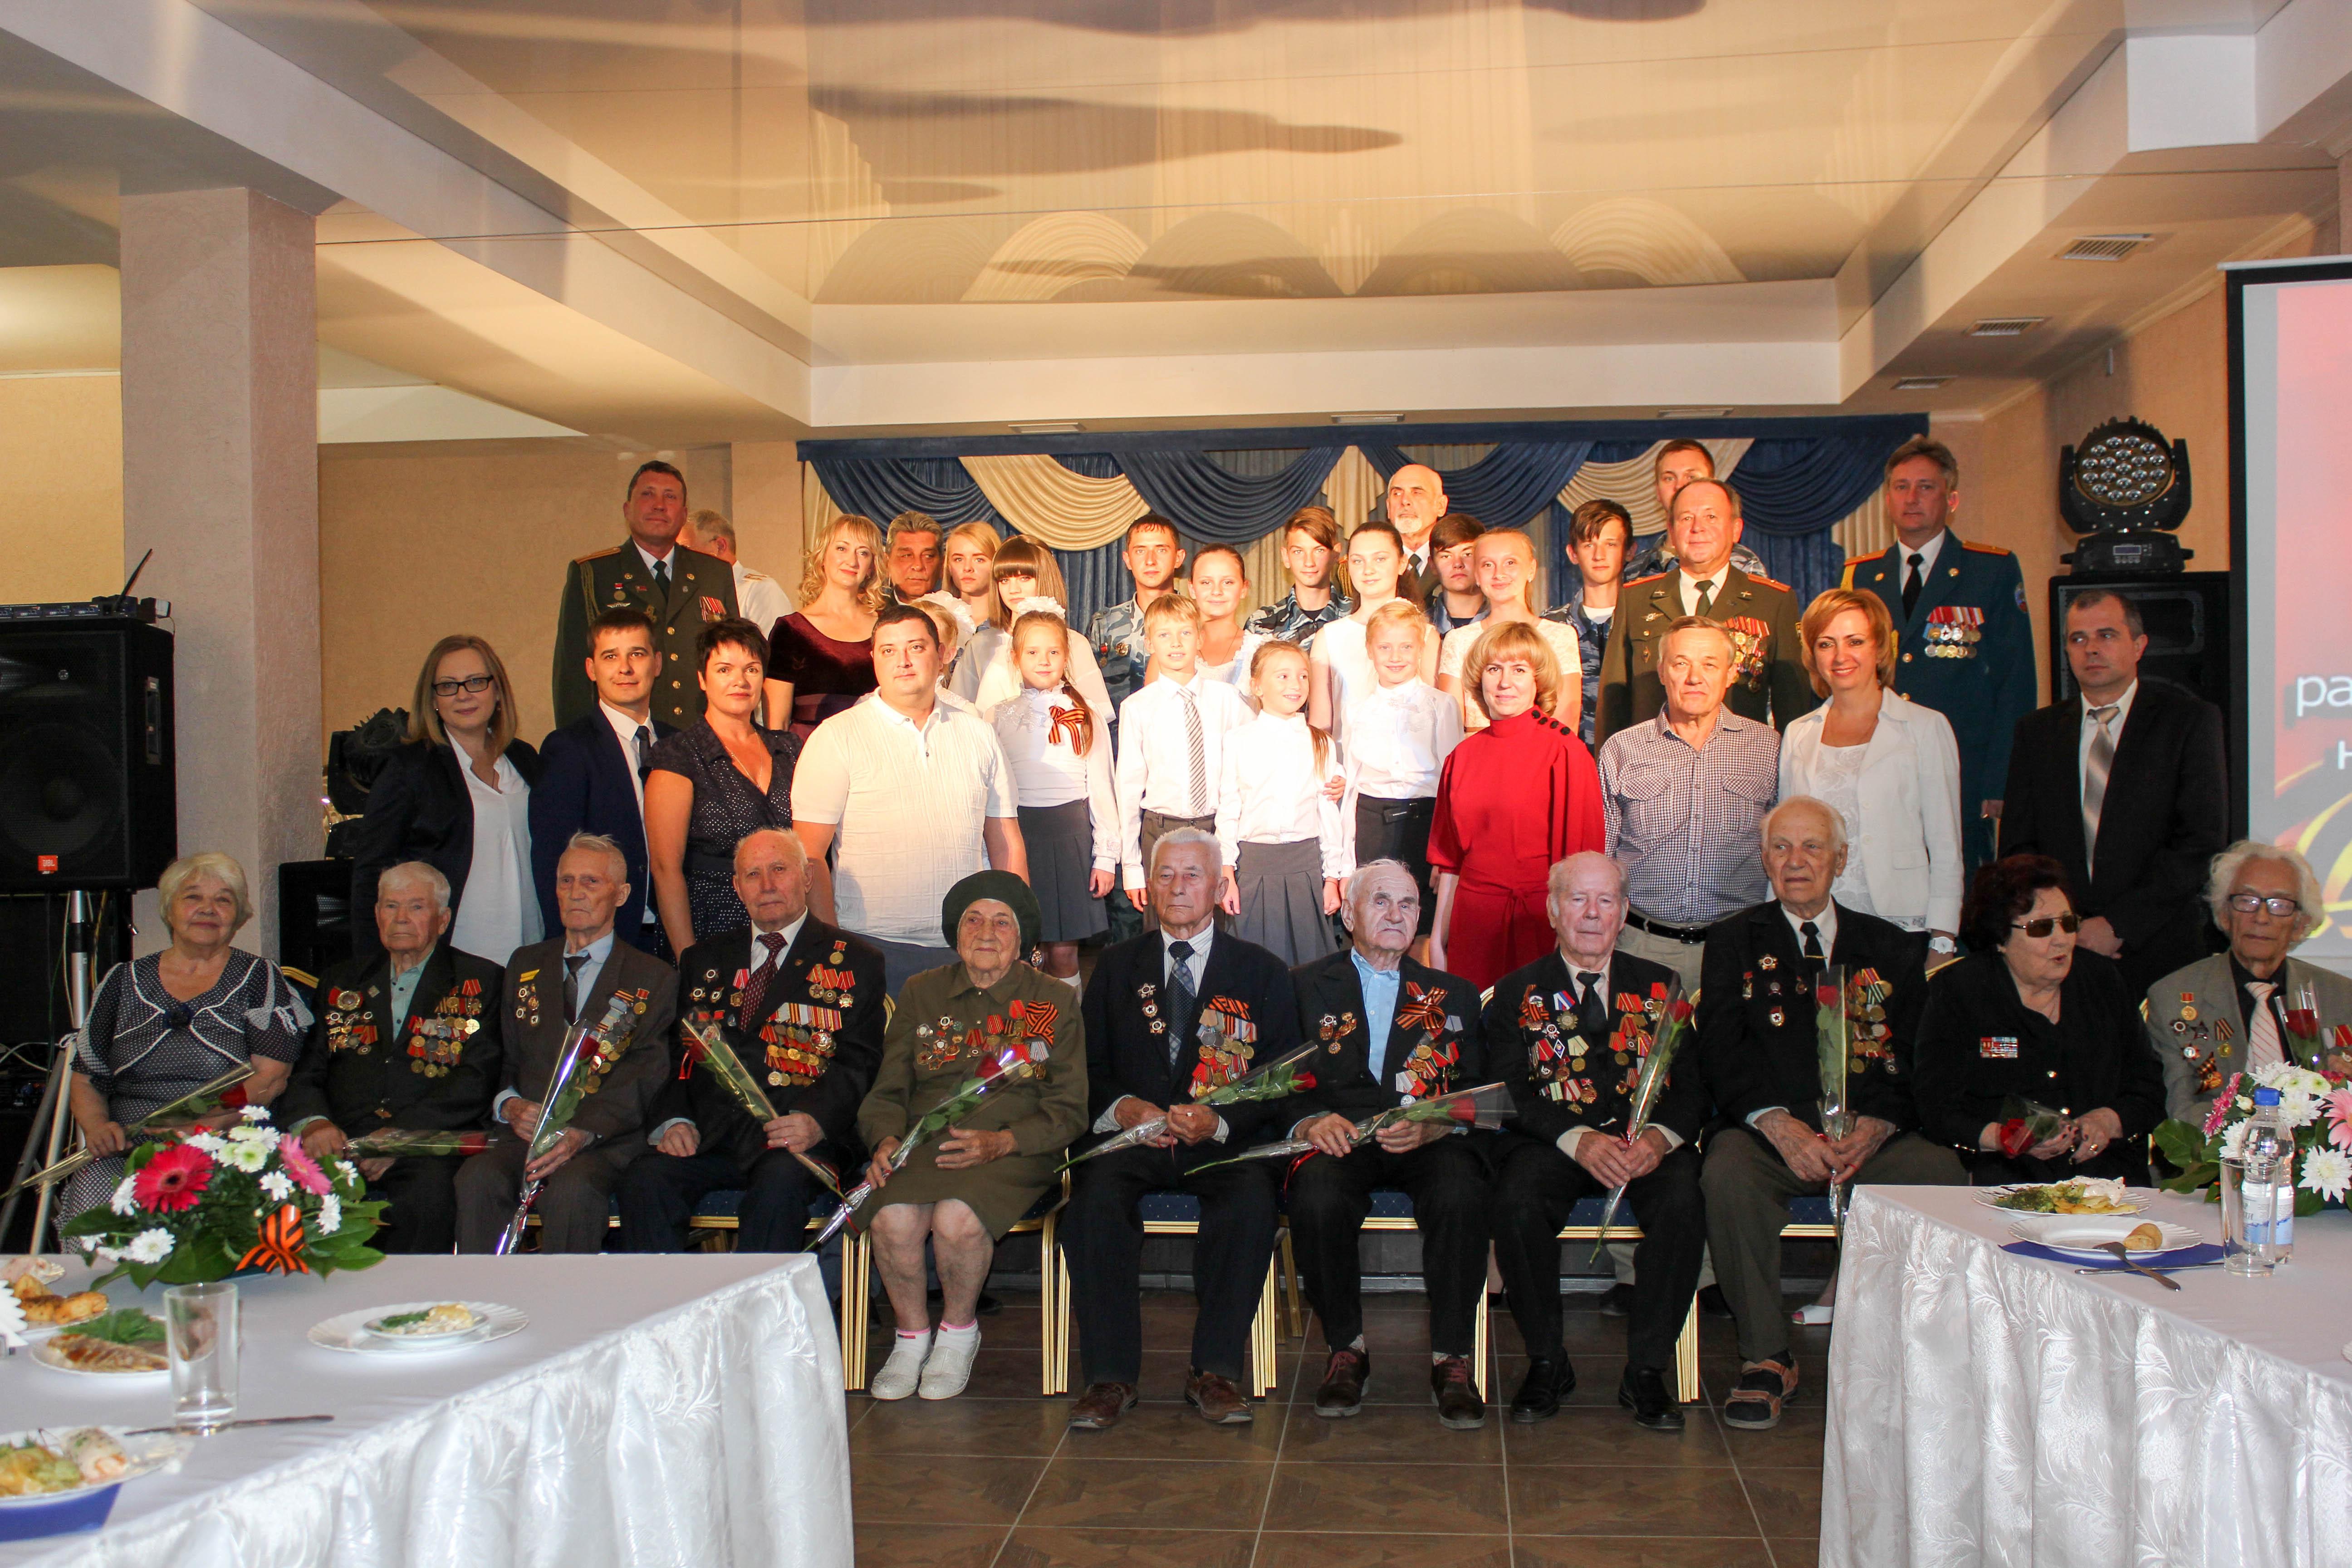 Коллективы ДК «России» поздравили ветеранов с 75-й годовщиной разгрома советскими войсками немецко-фашистских войск в Курской битве